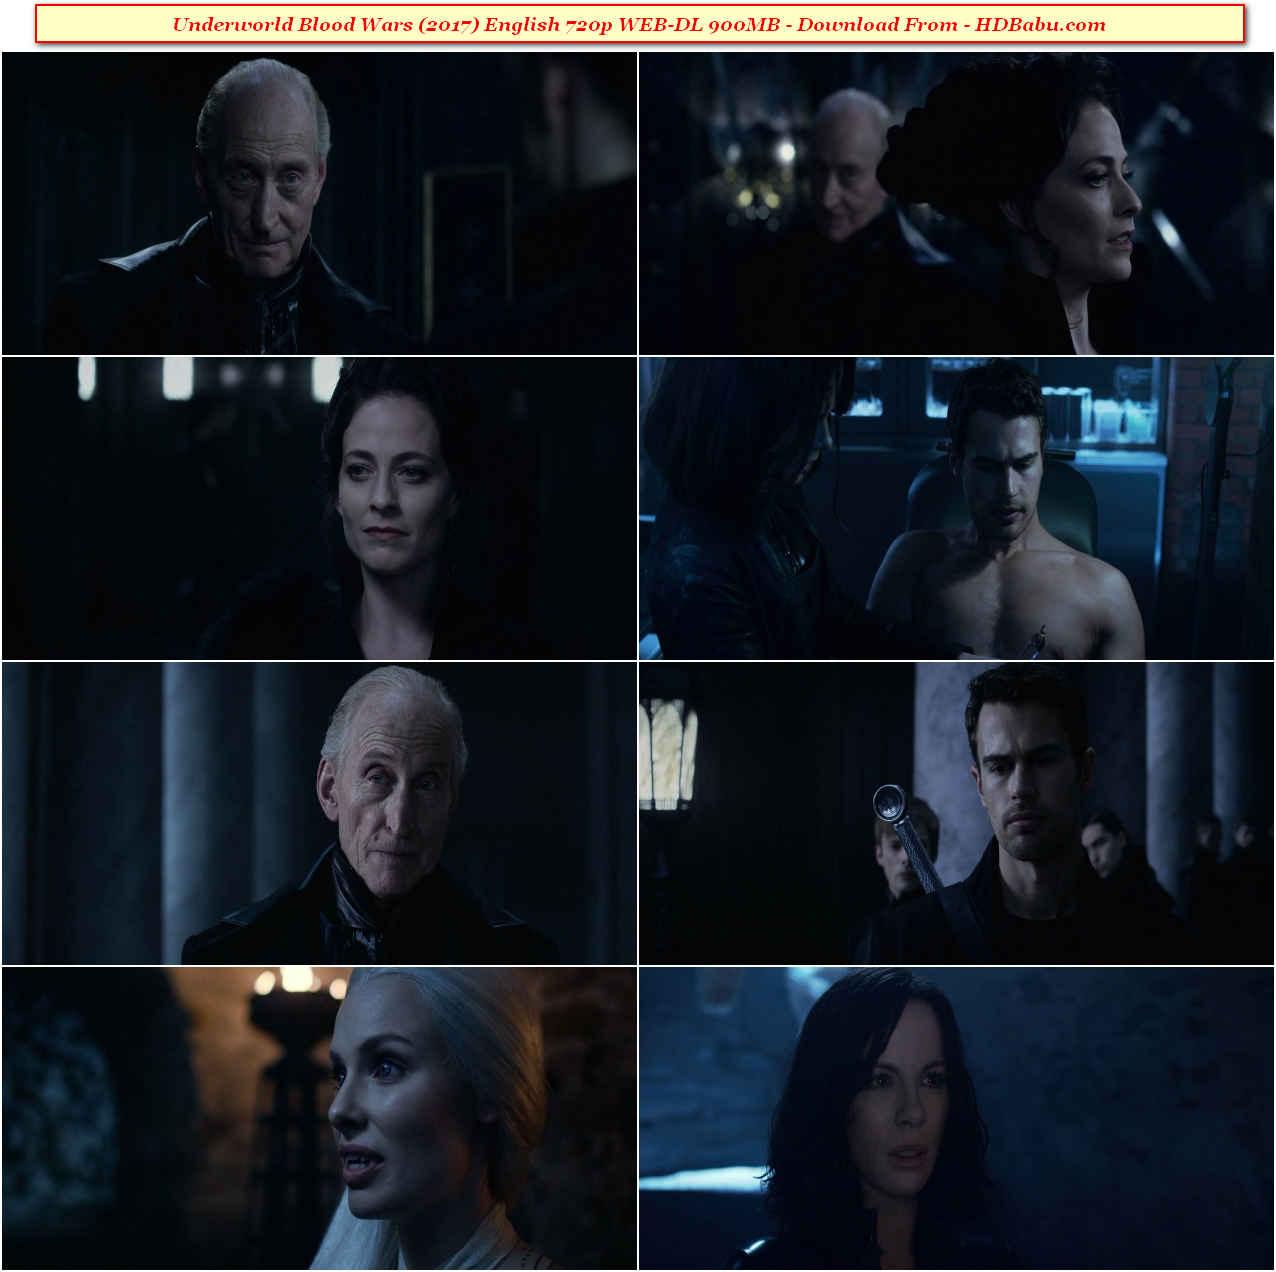 Underworld Blood Wars English Full Movie Download